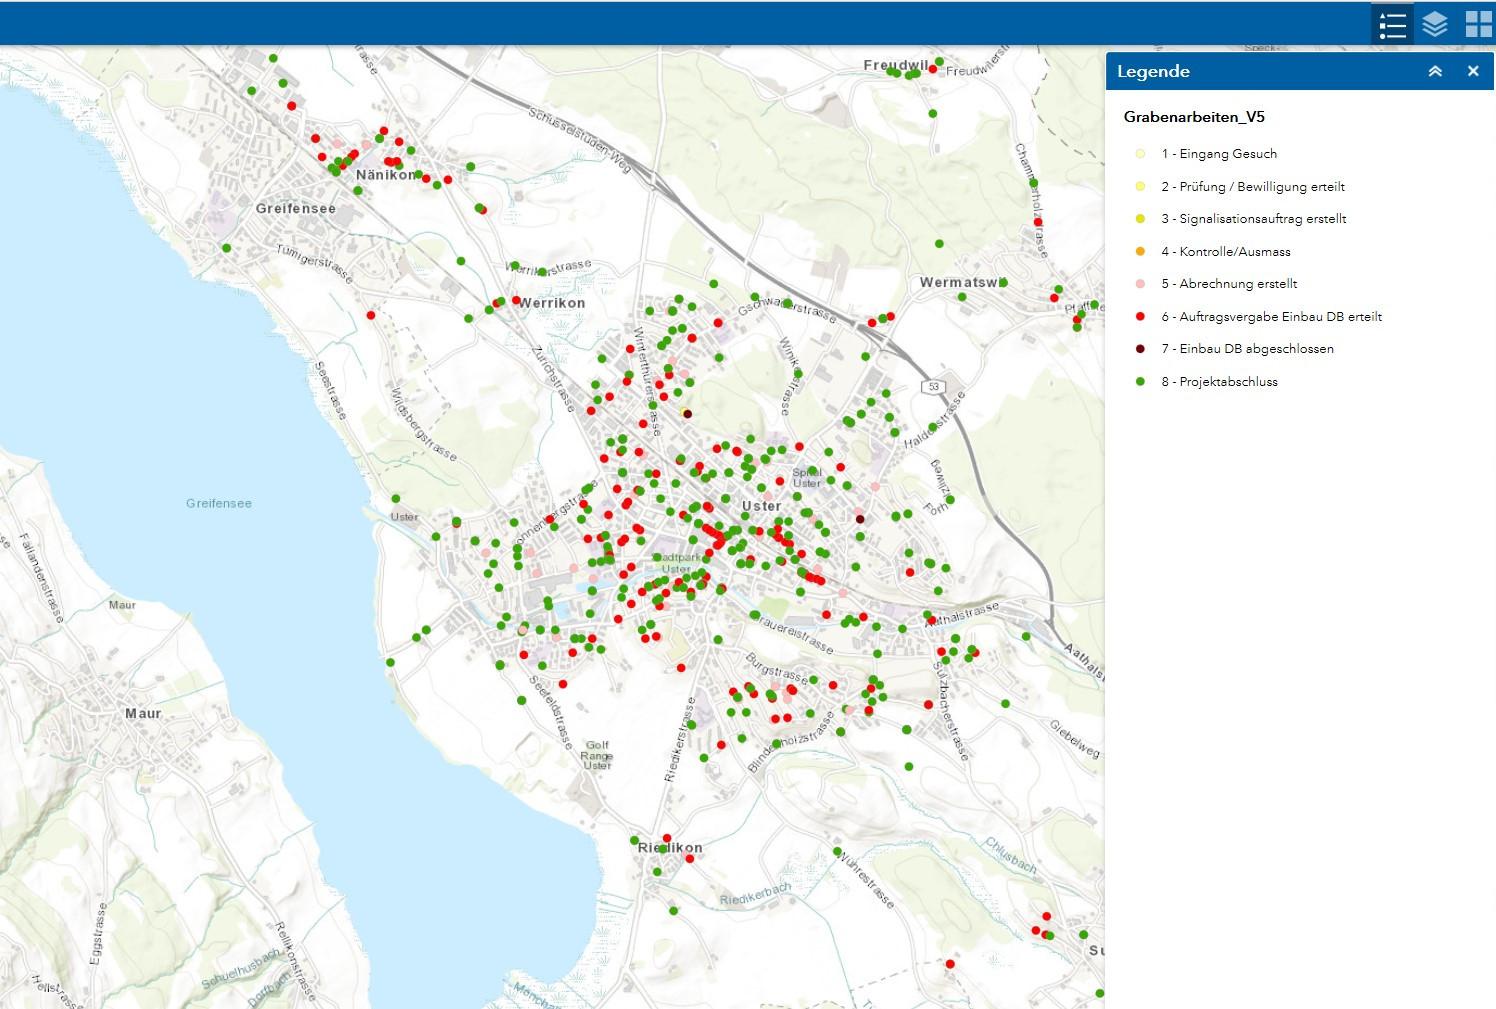 Webmap Grabenarbeiten Stadt Uster, Kartenhintergrund